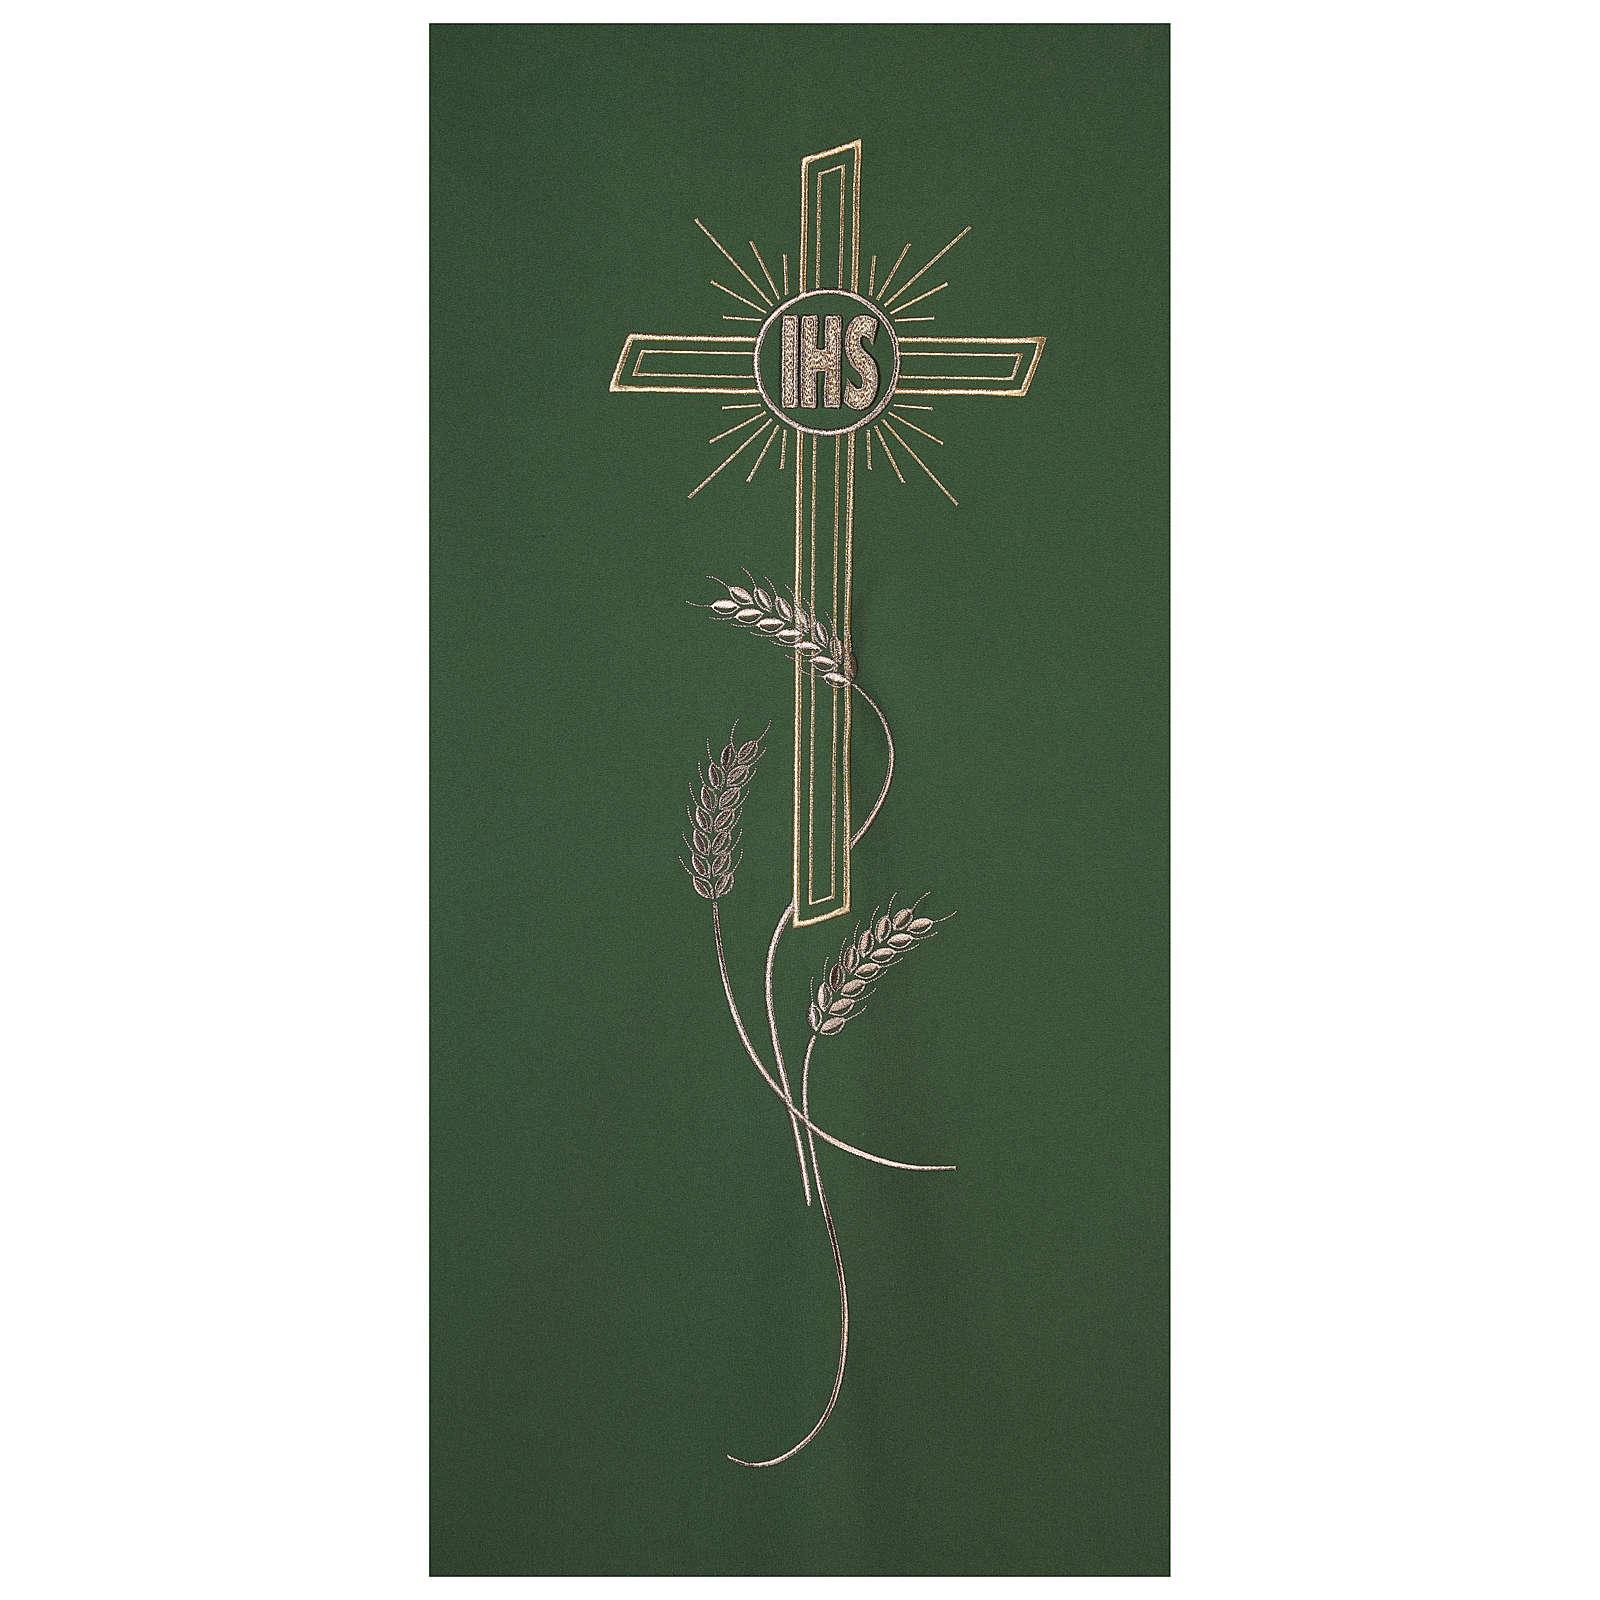 Cubre atril bordado IHS cruz y espigas 4